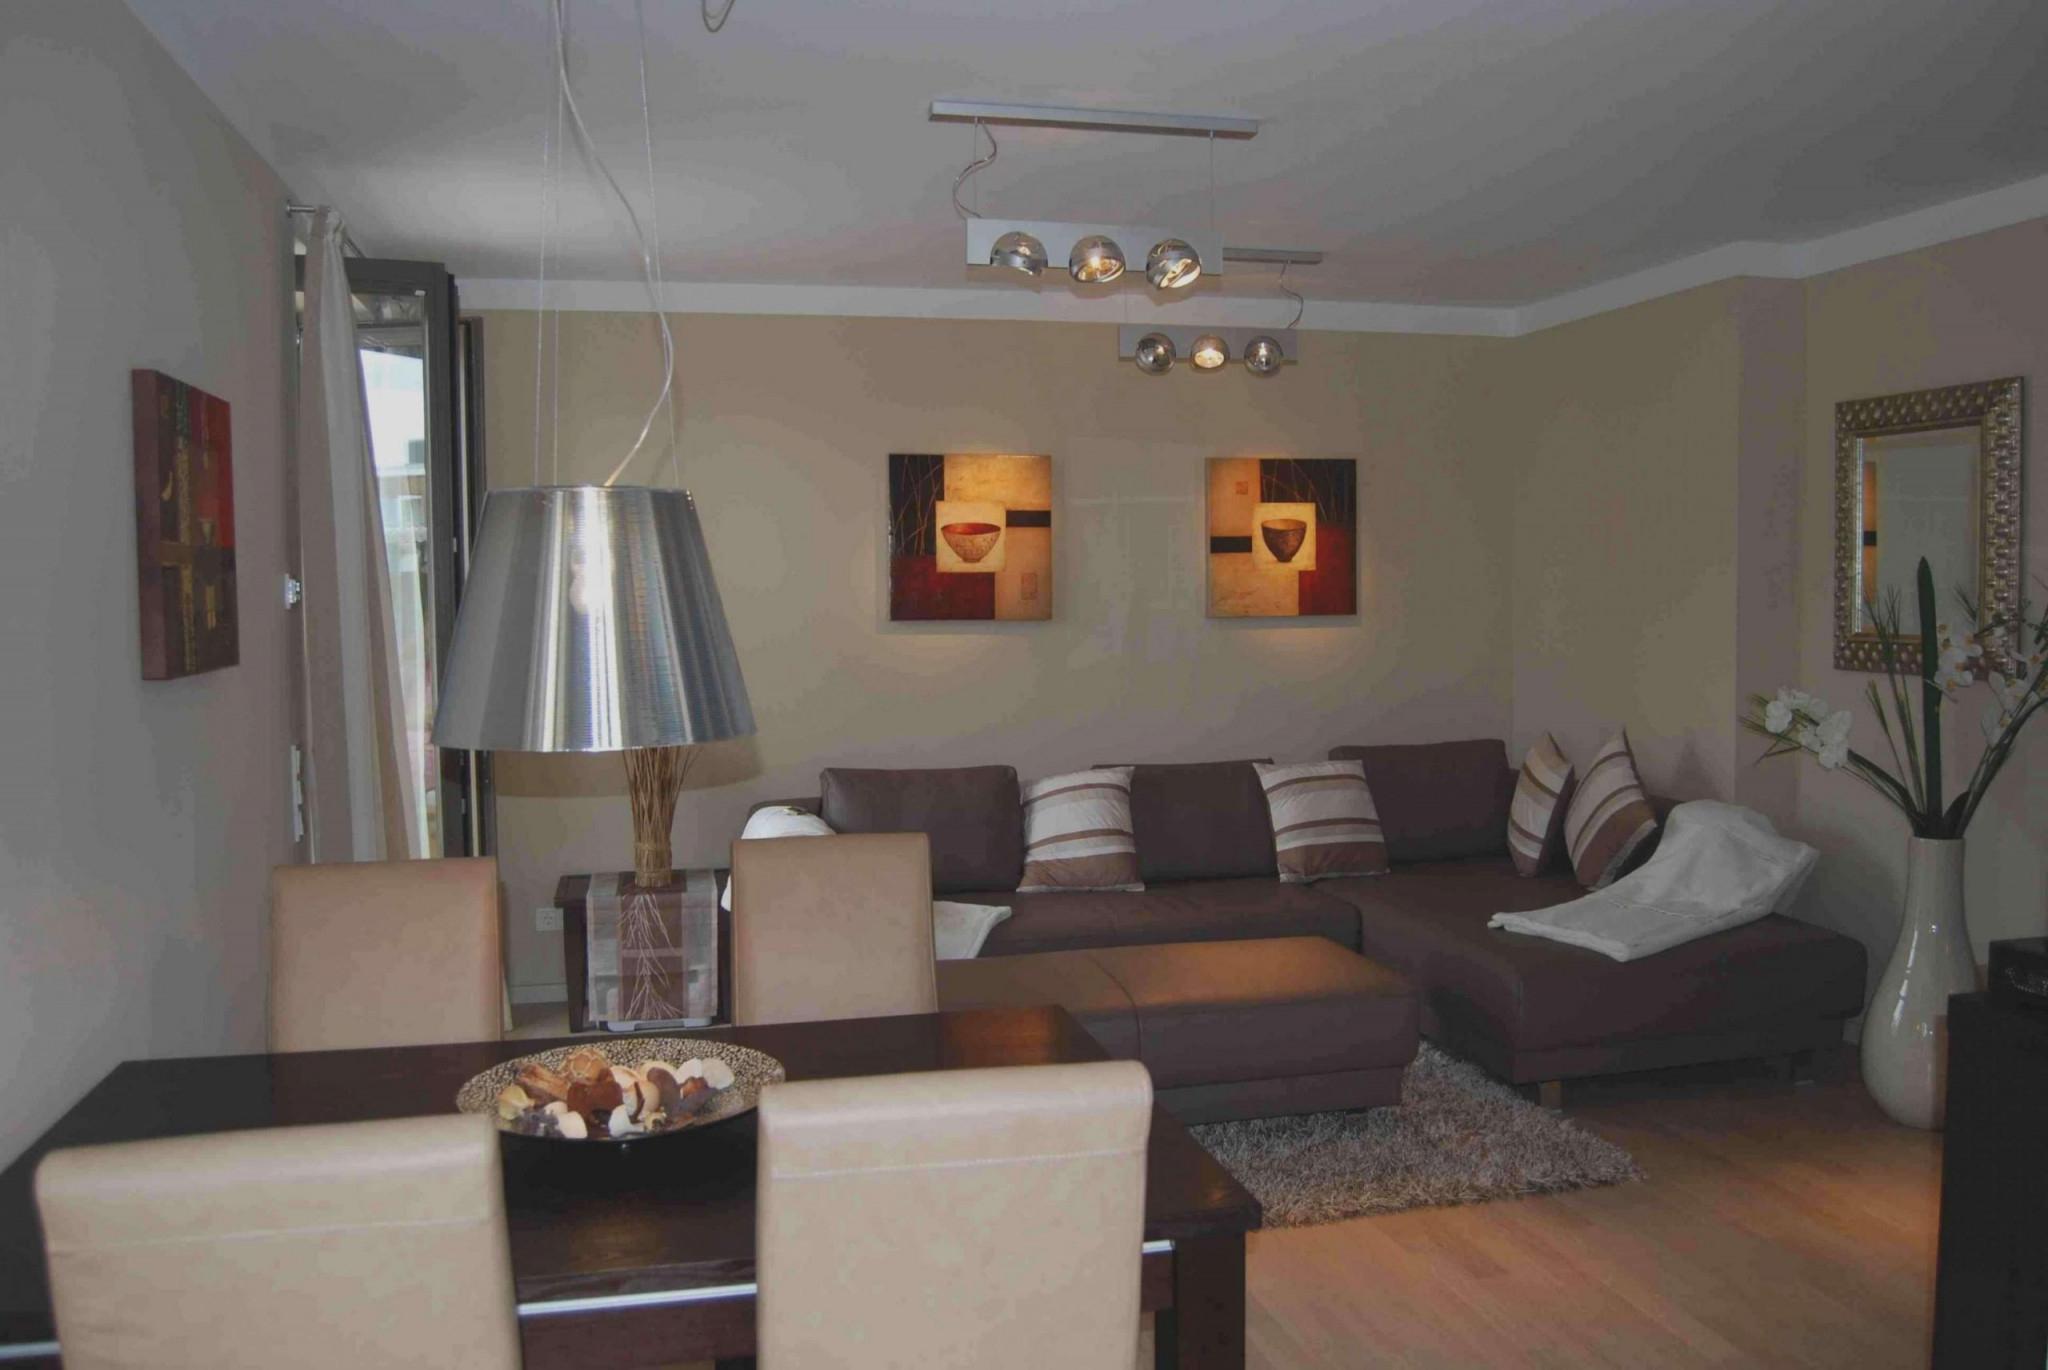 30 Luxus Kleines Wohnzimmer Mit Essbereich Einrichten von Kleines Wohnzimmer Gestalten Photo